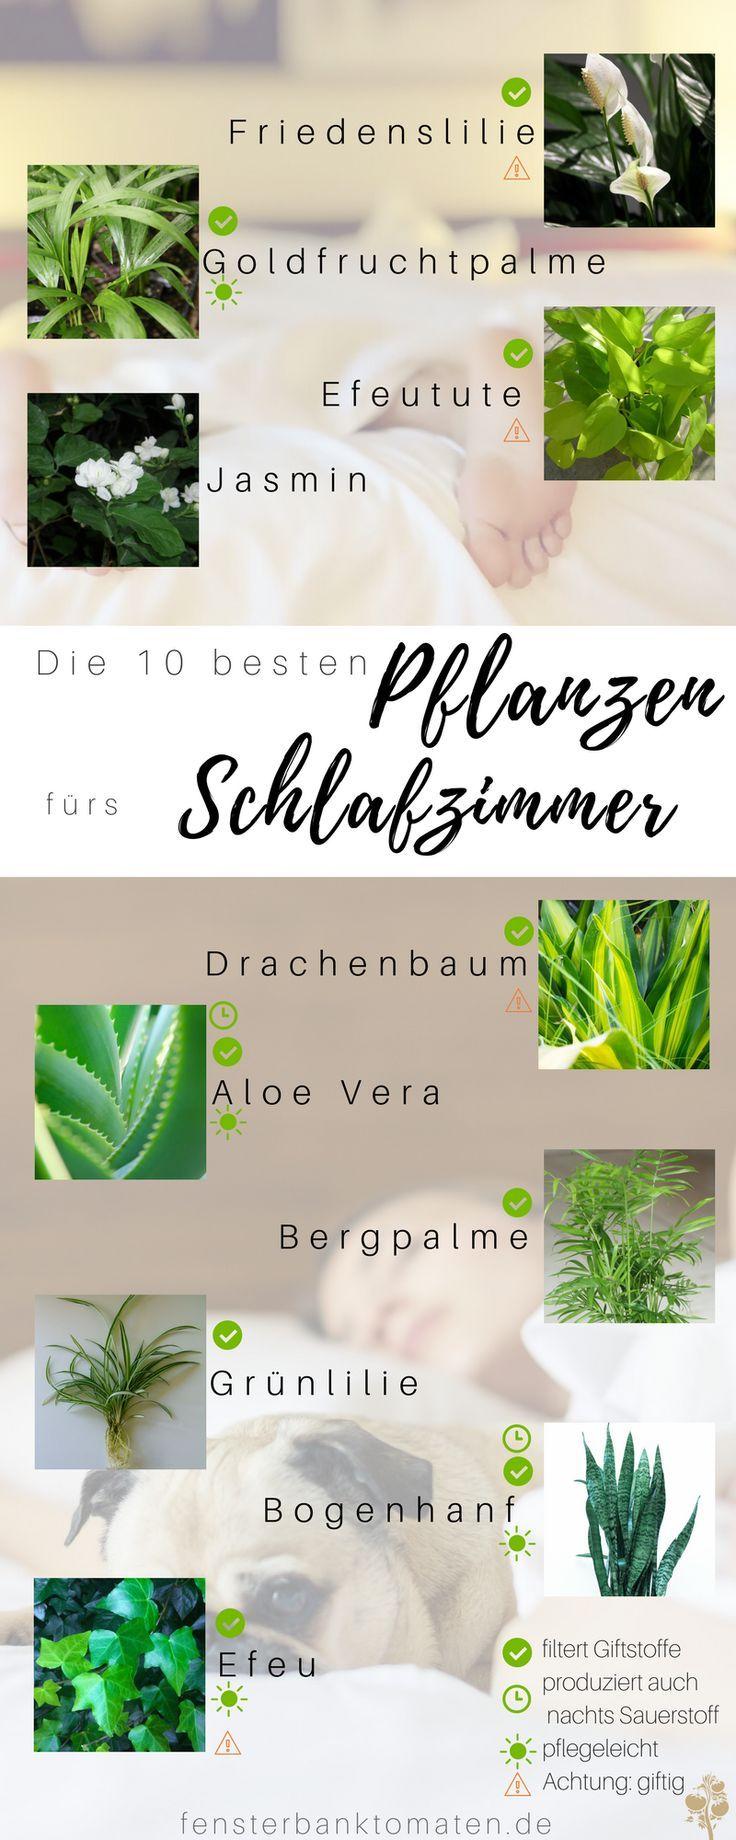 Die 10 besten Pflanzen fürs Schlafzimmer – so optimierst du deinen Schaf